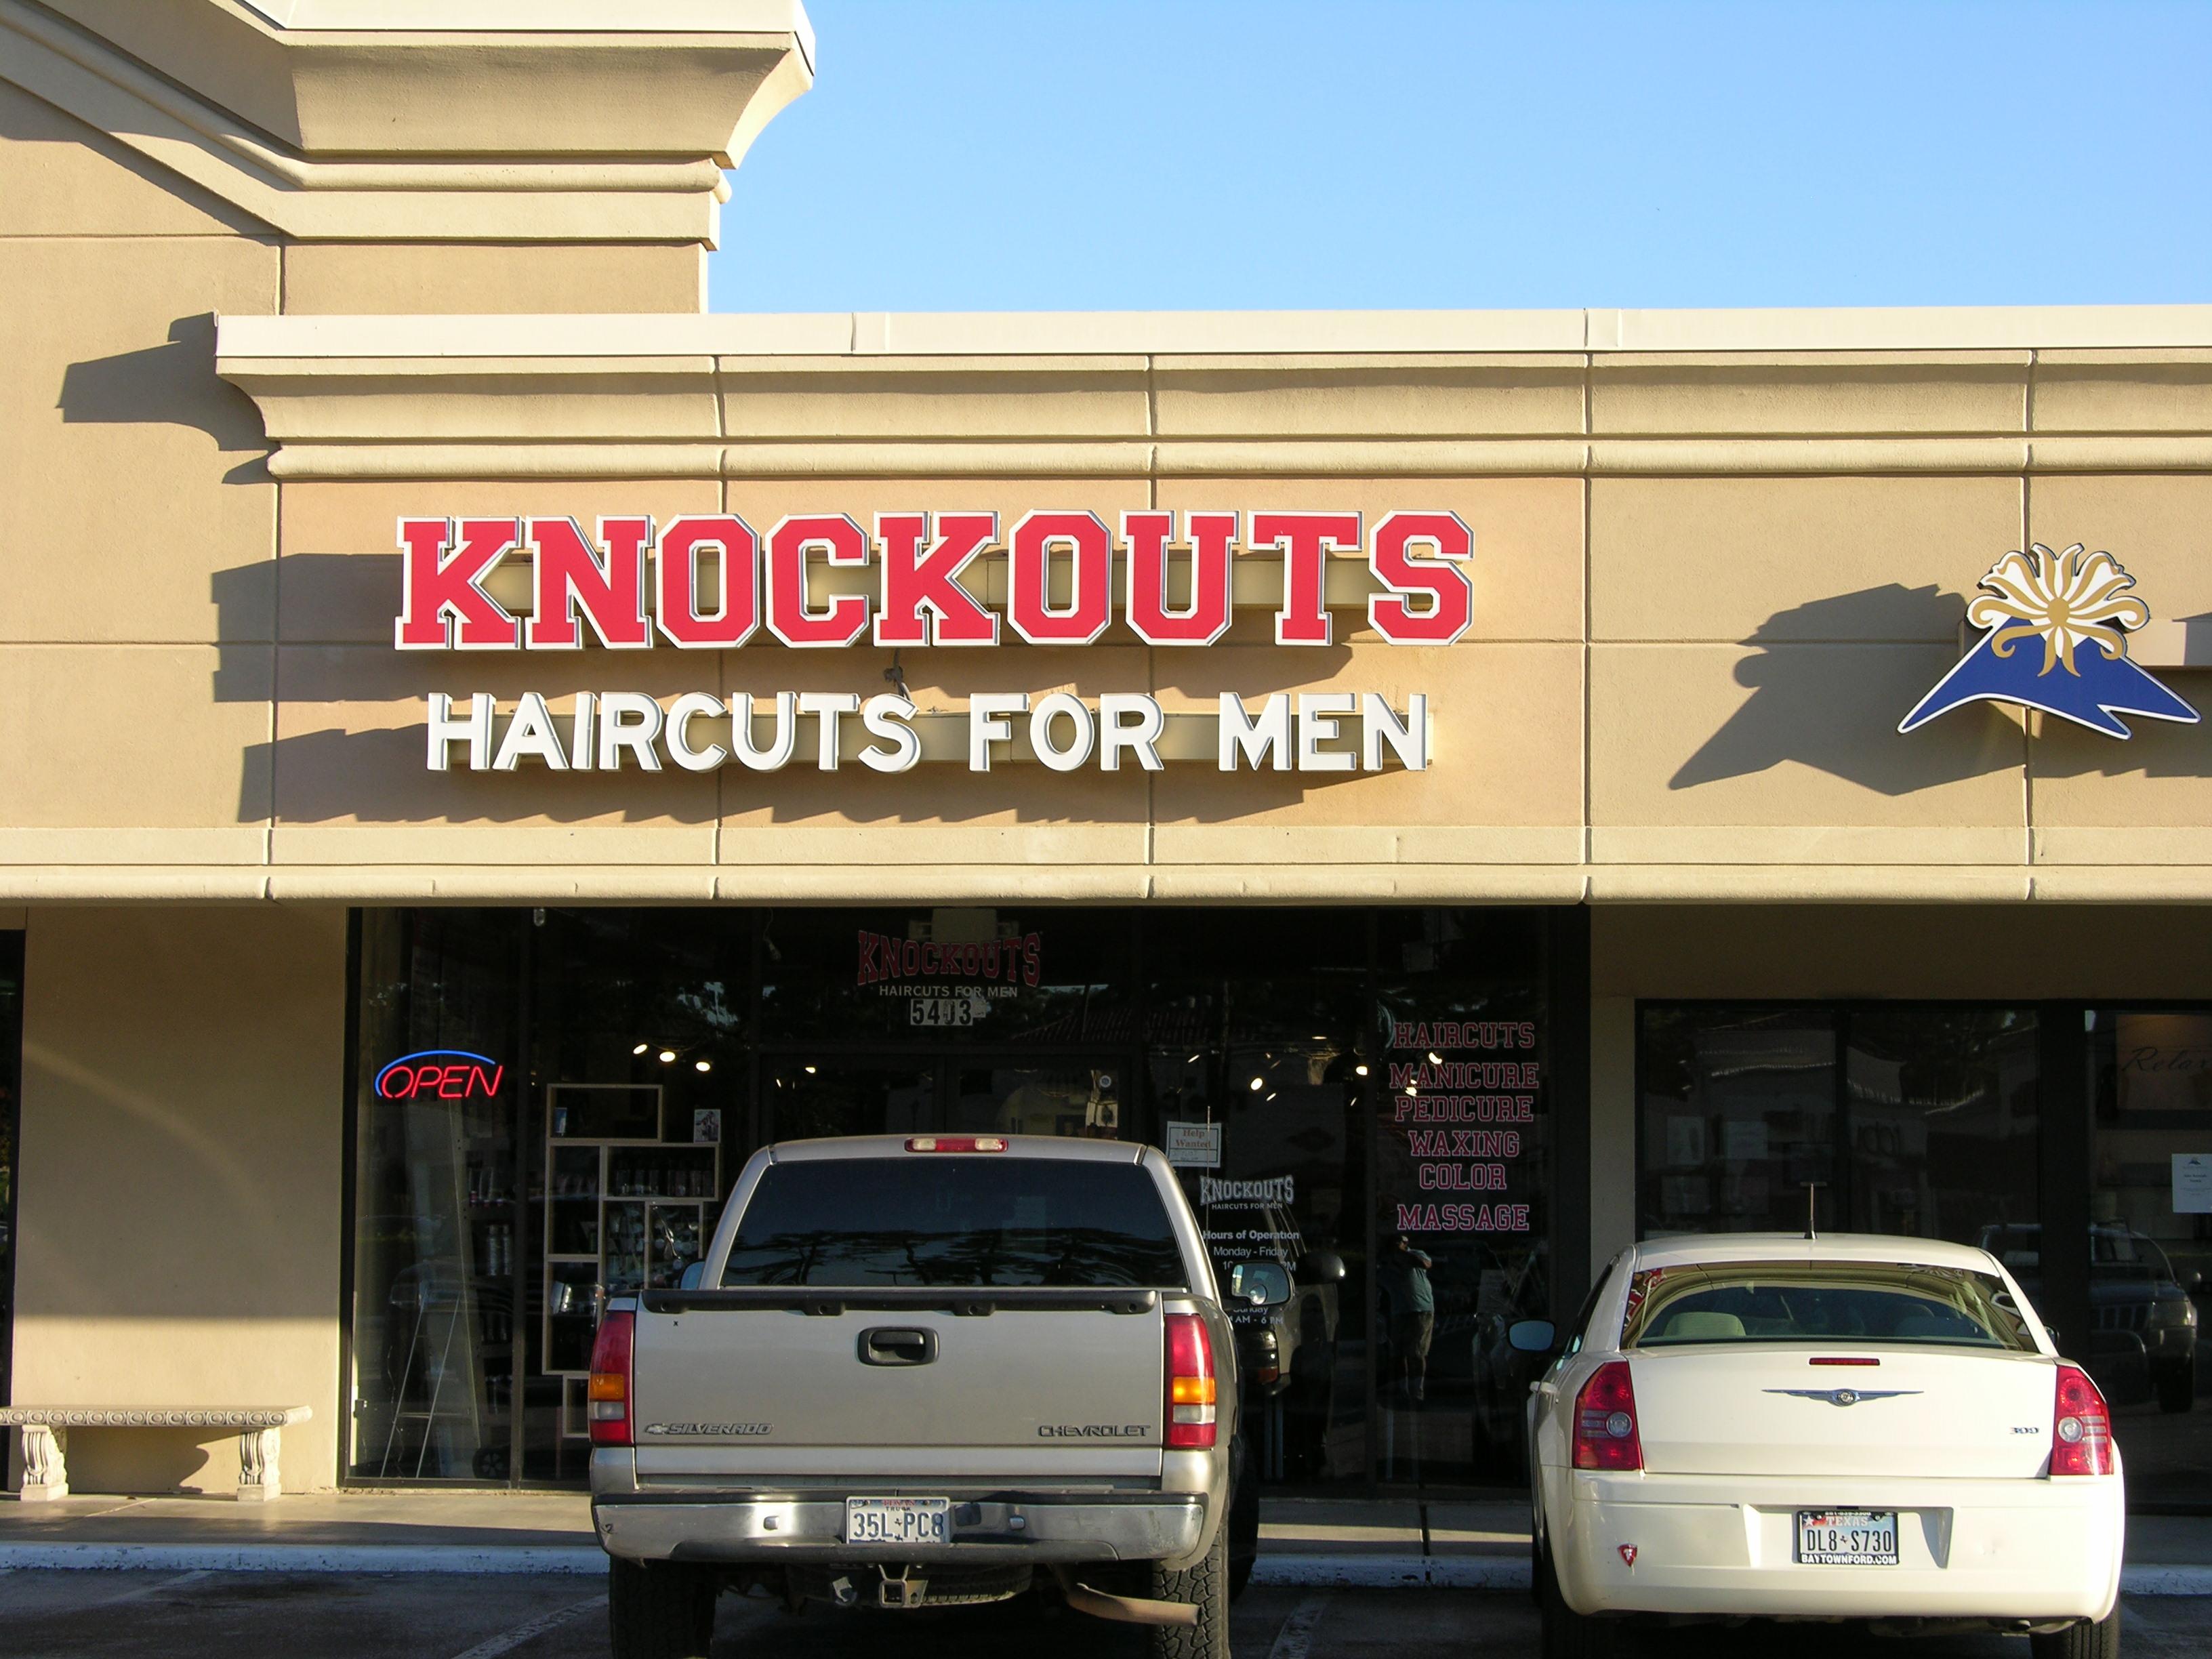 Knockouts Haircuts Kansas City